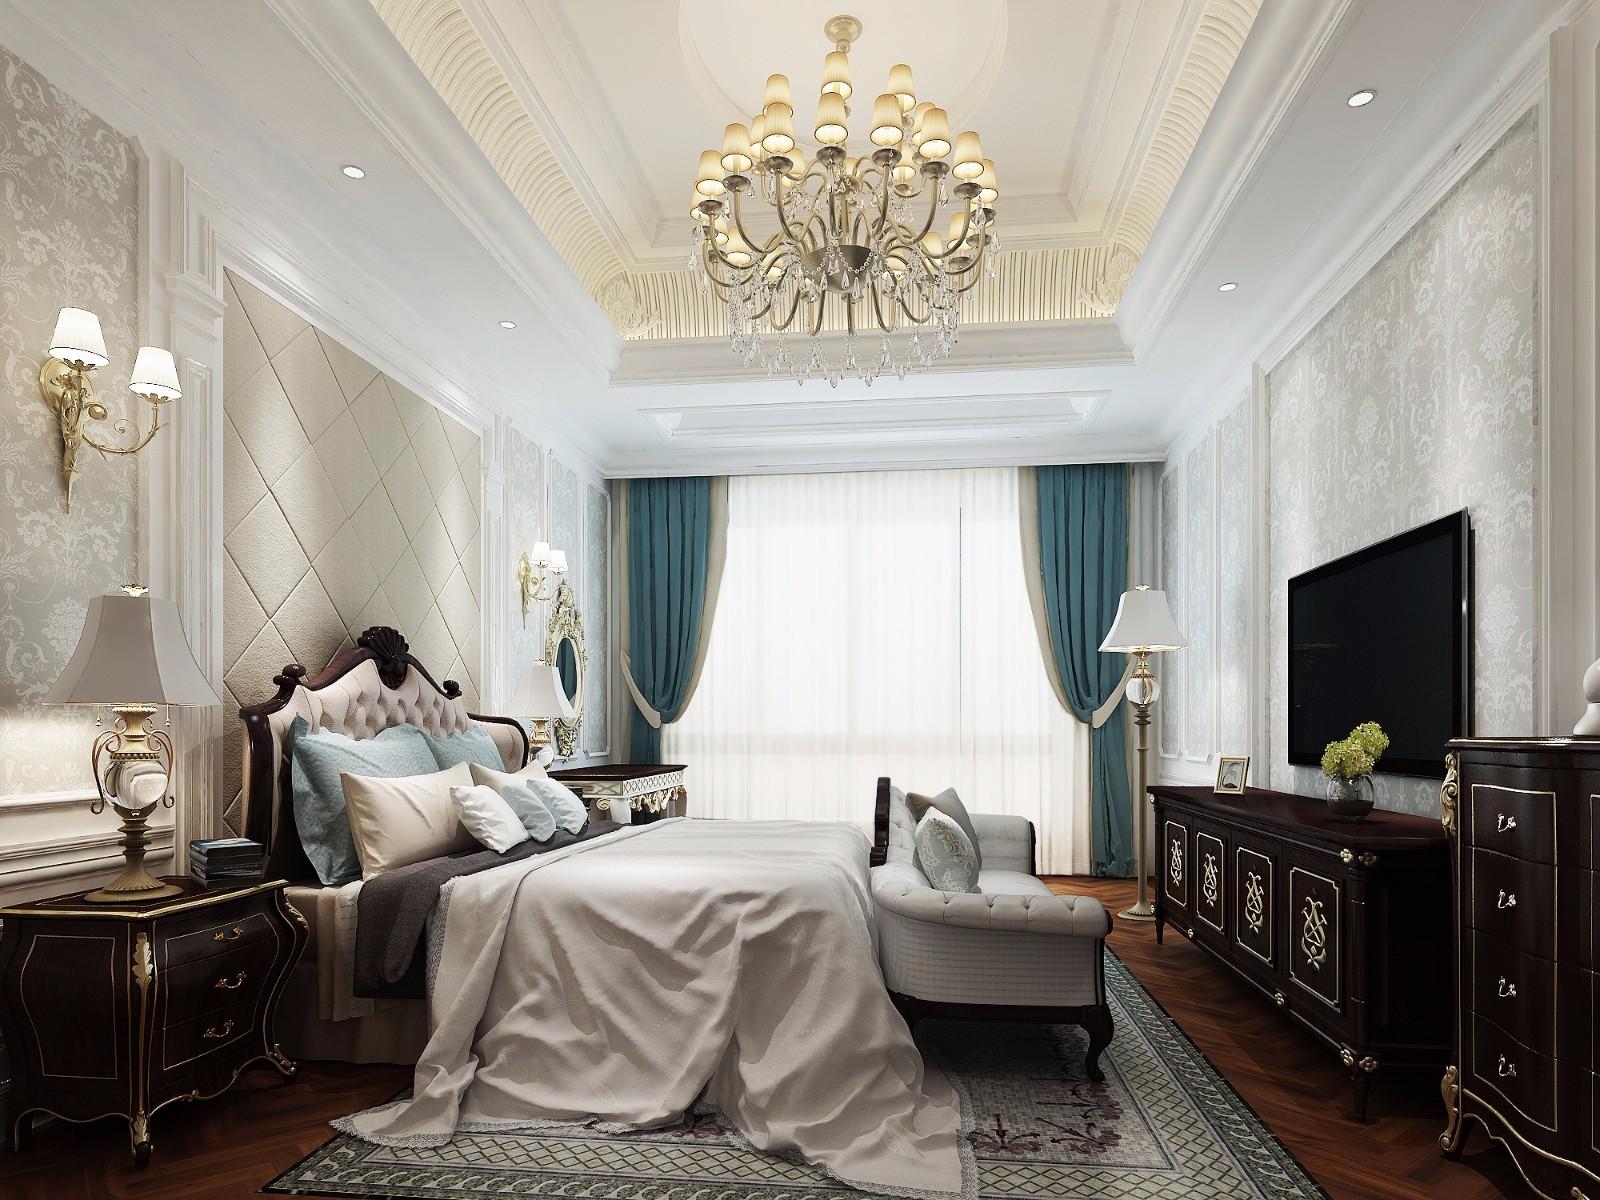 3室2卫2厅125平米欧式风格